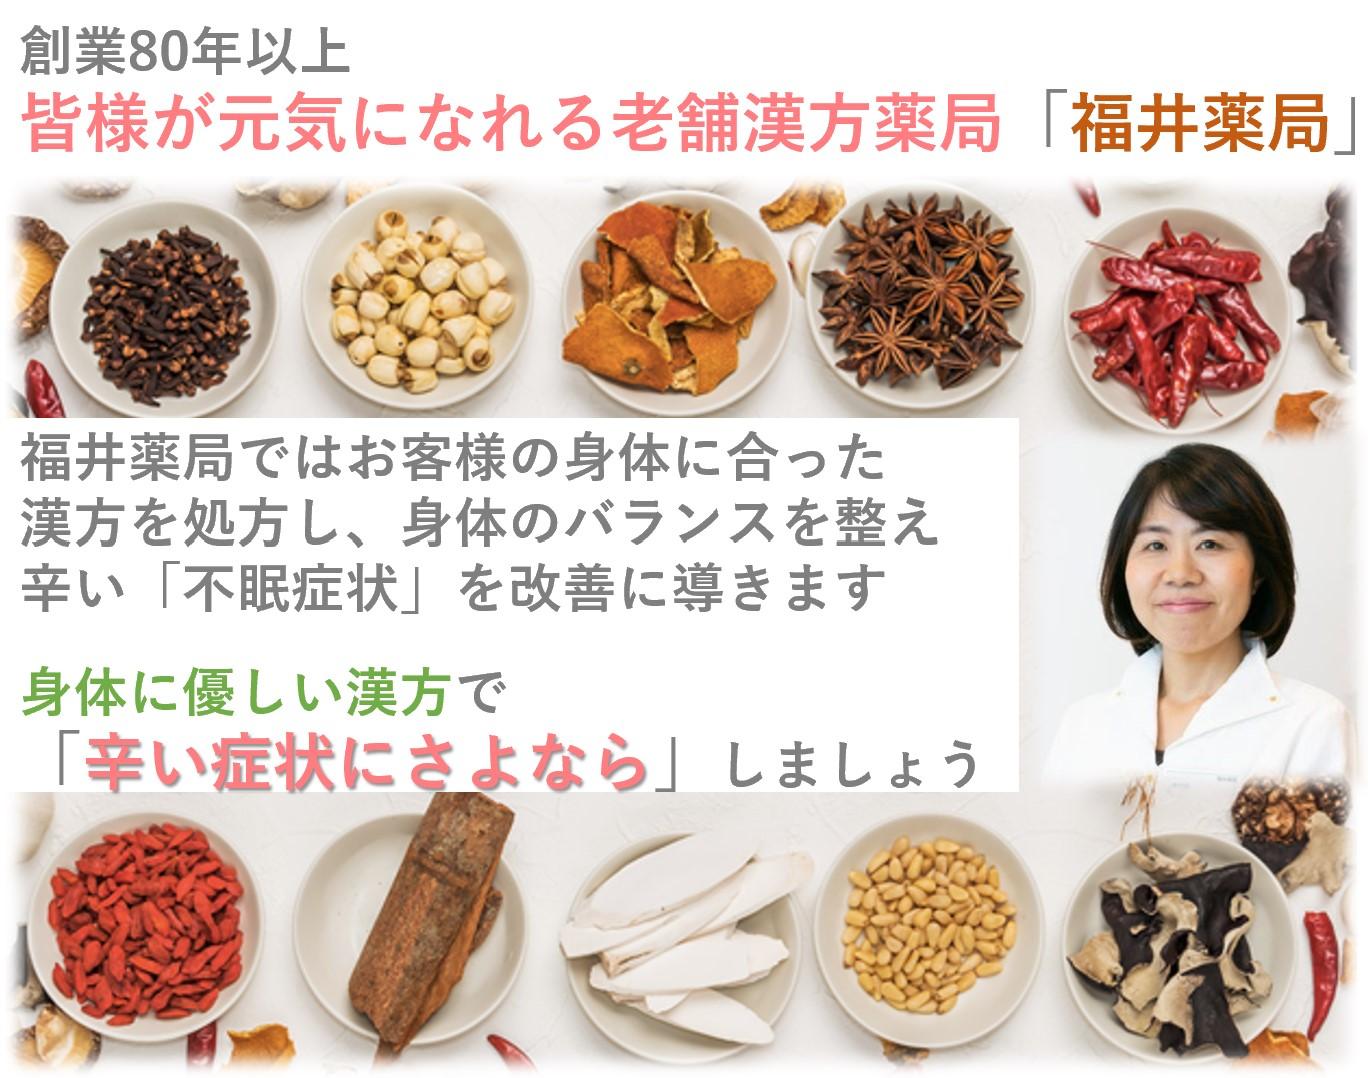 福井薬局プロフィール